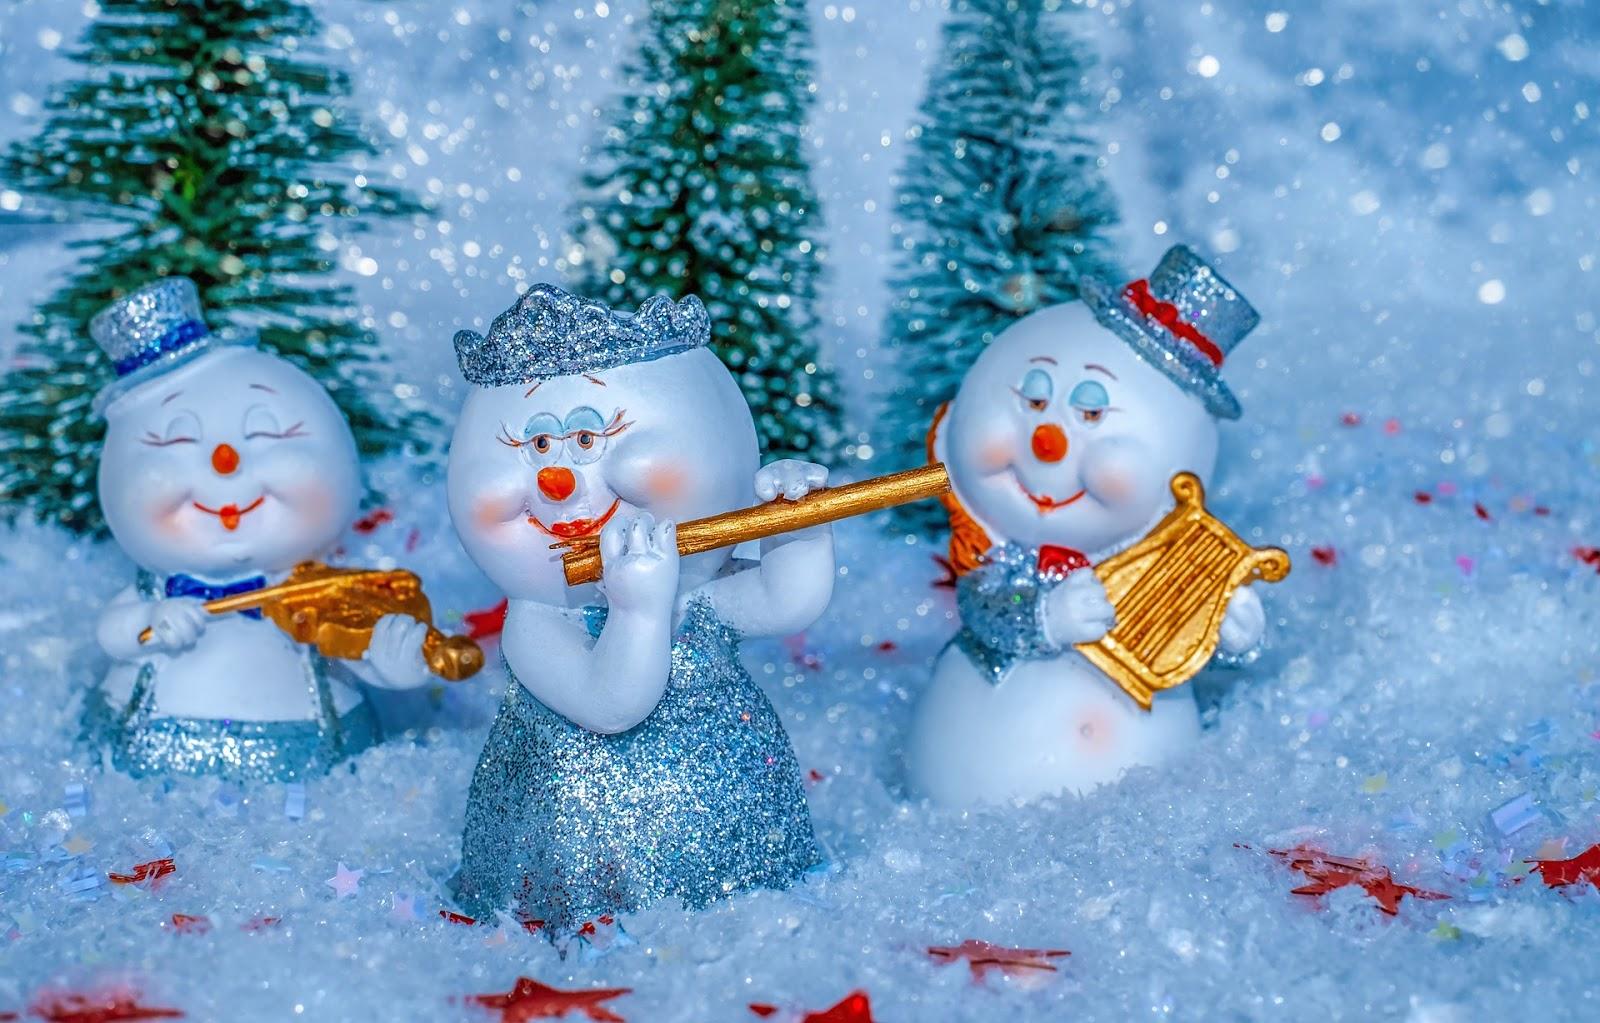 Belle Immagini Di Natale.Le Piu Belle Canzoni Di Natale Per Bambini In Italiano Mamma Today Una Mamma Di Oggi